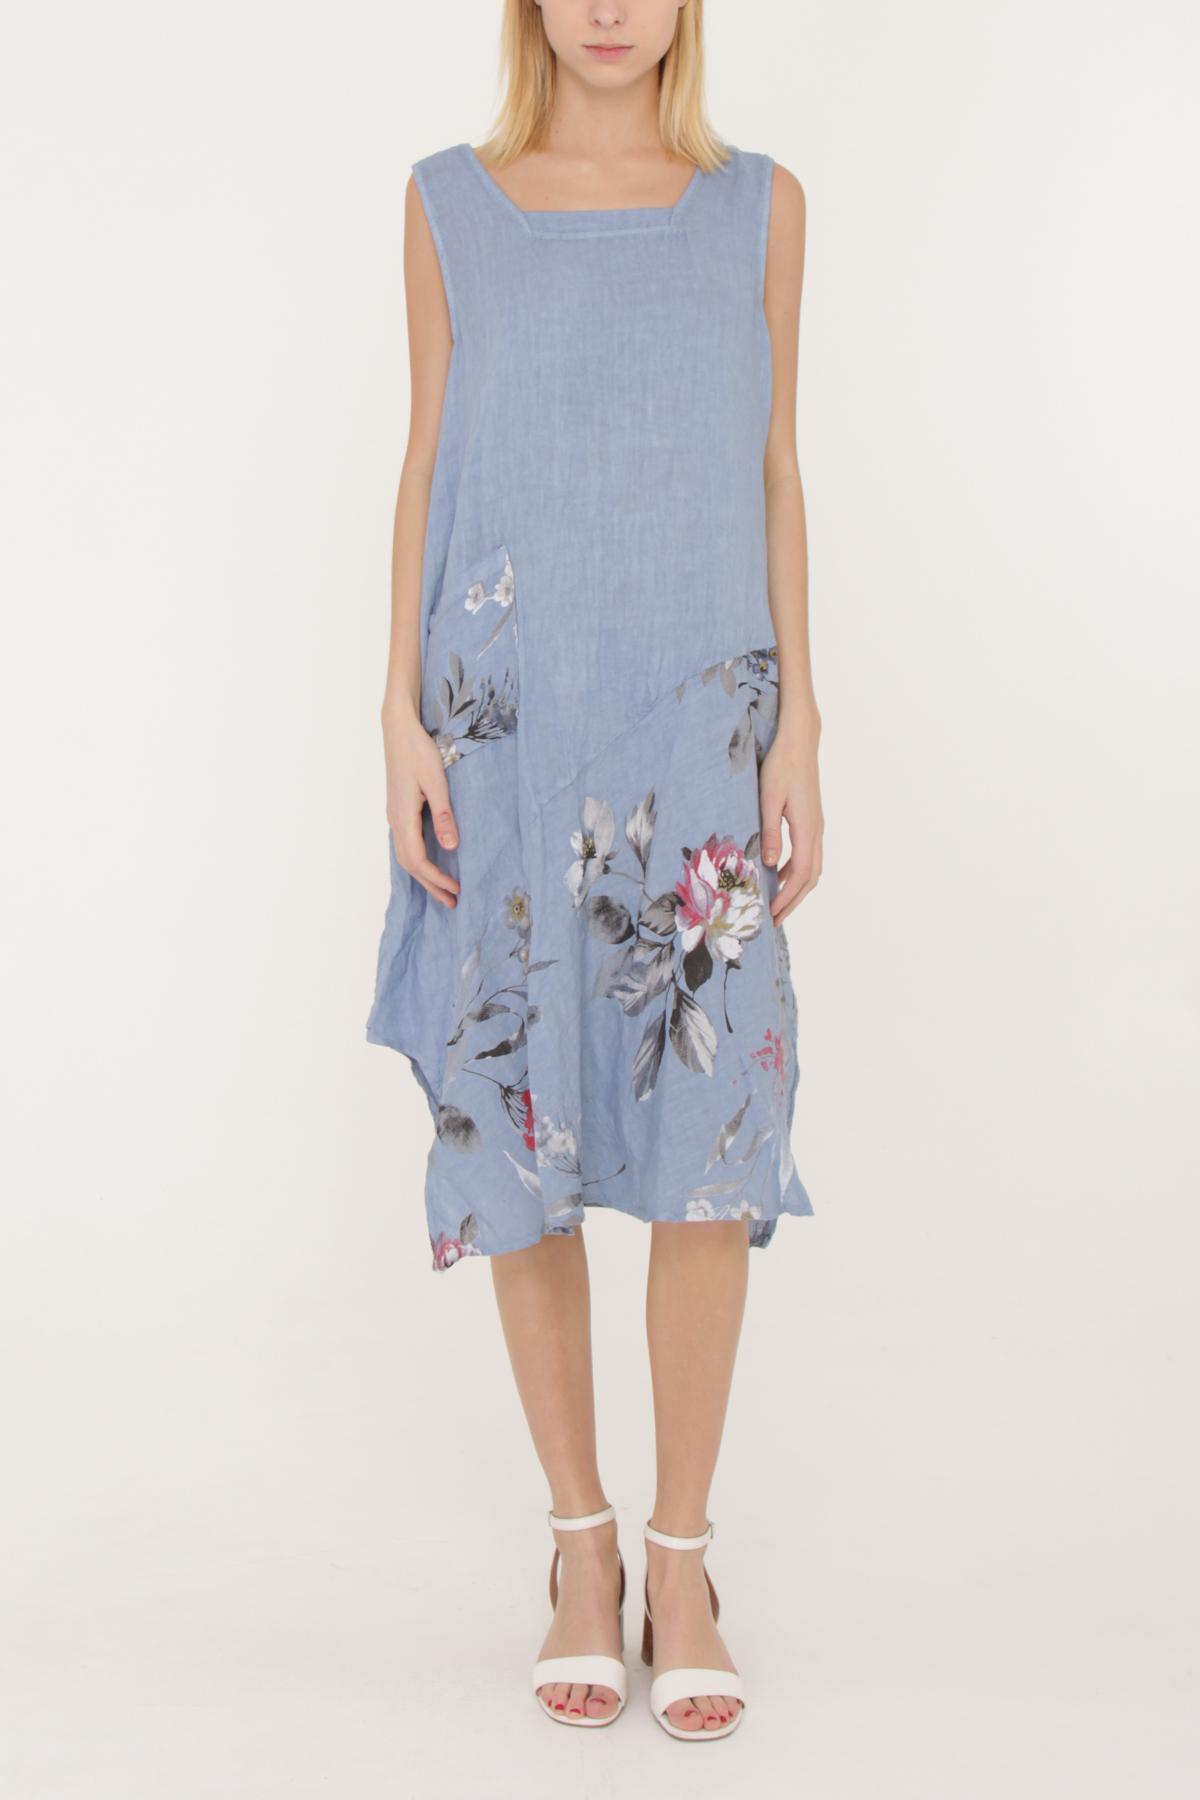 Robes mi-longues Femme Bleu jean HAPPY LOVE 70109 #c eFashion Paris